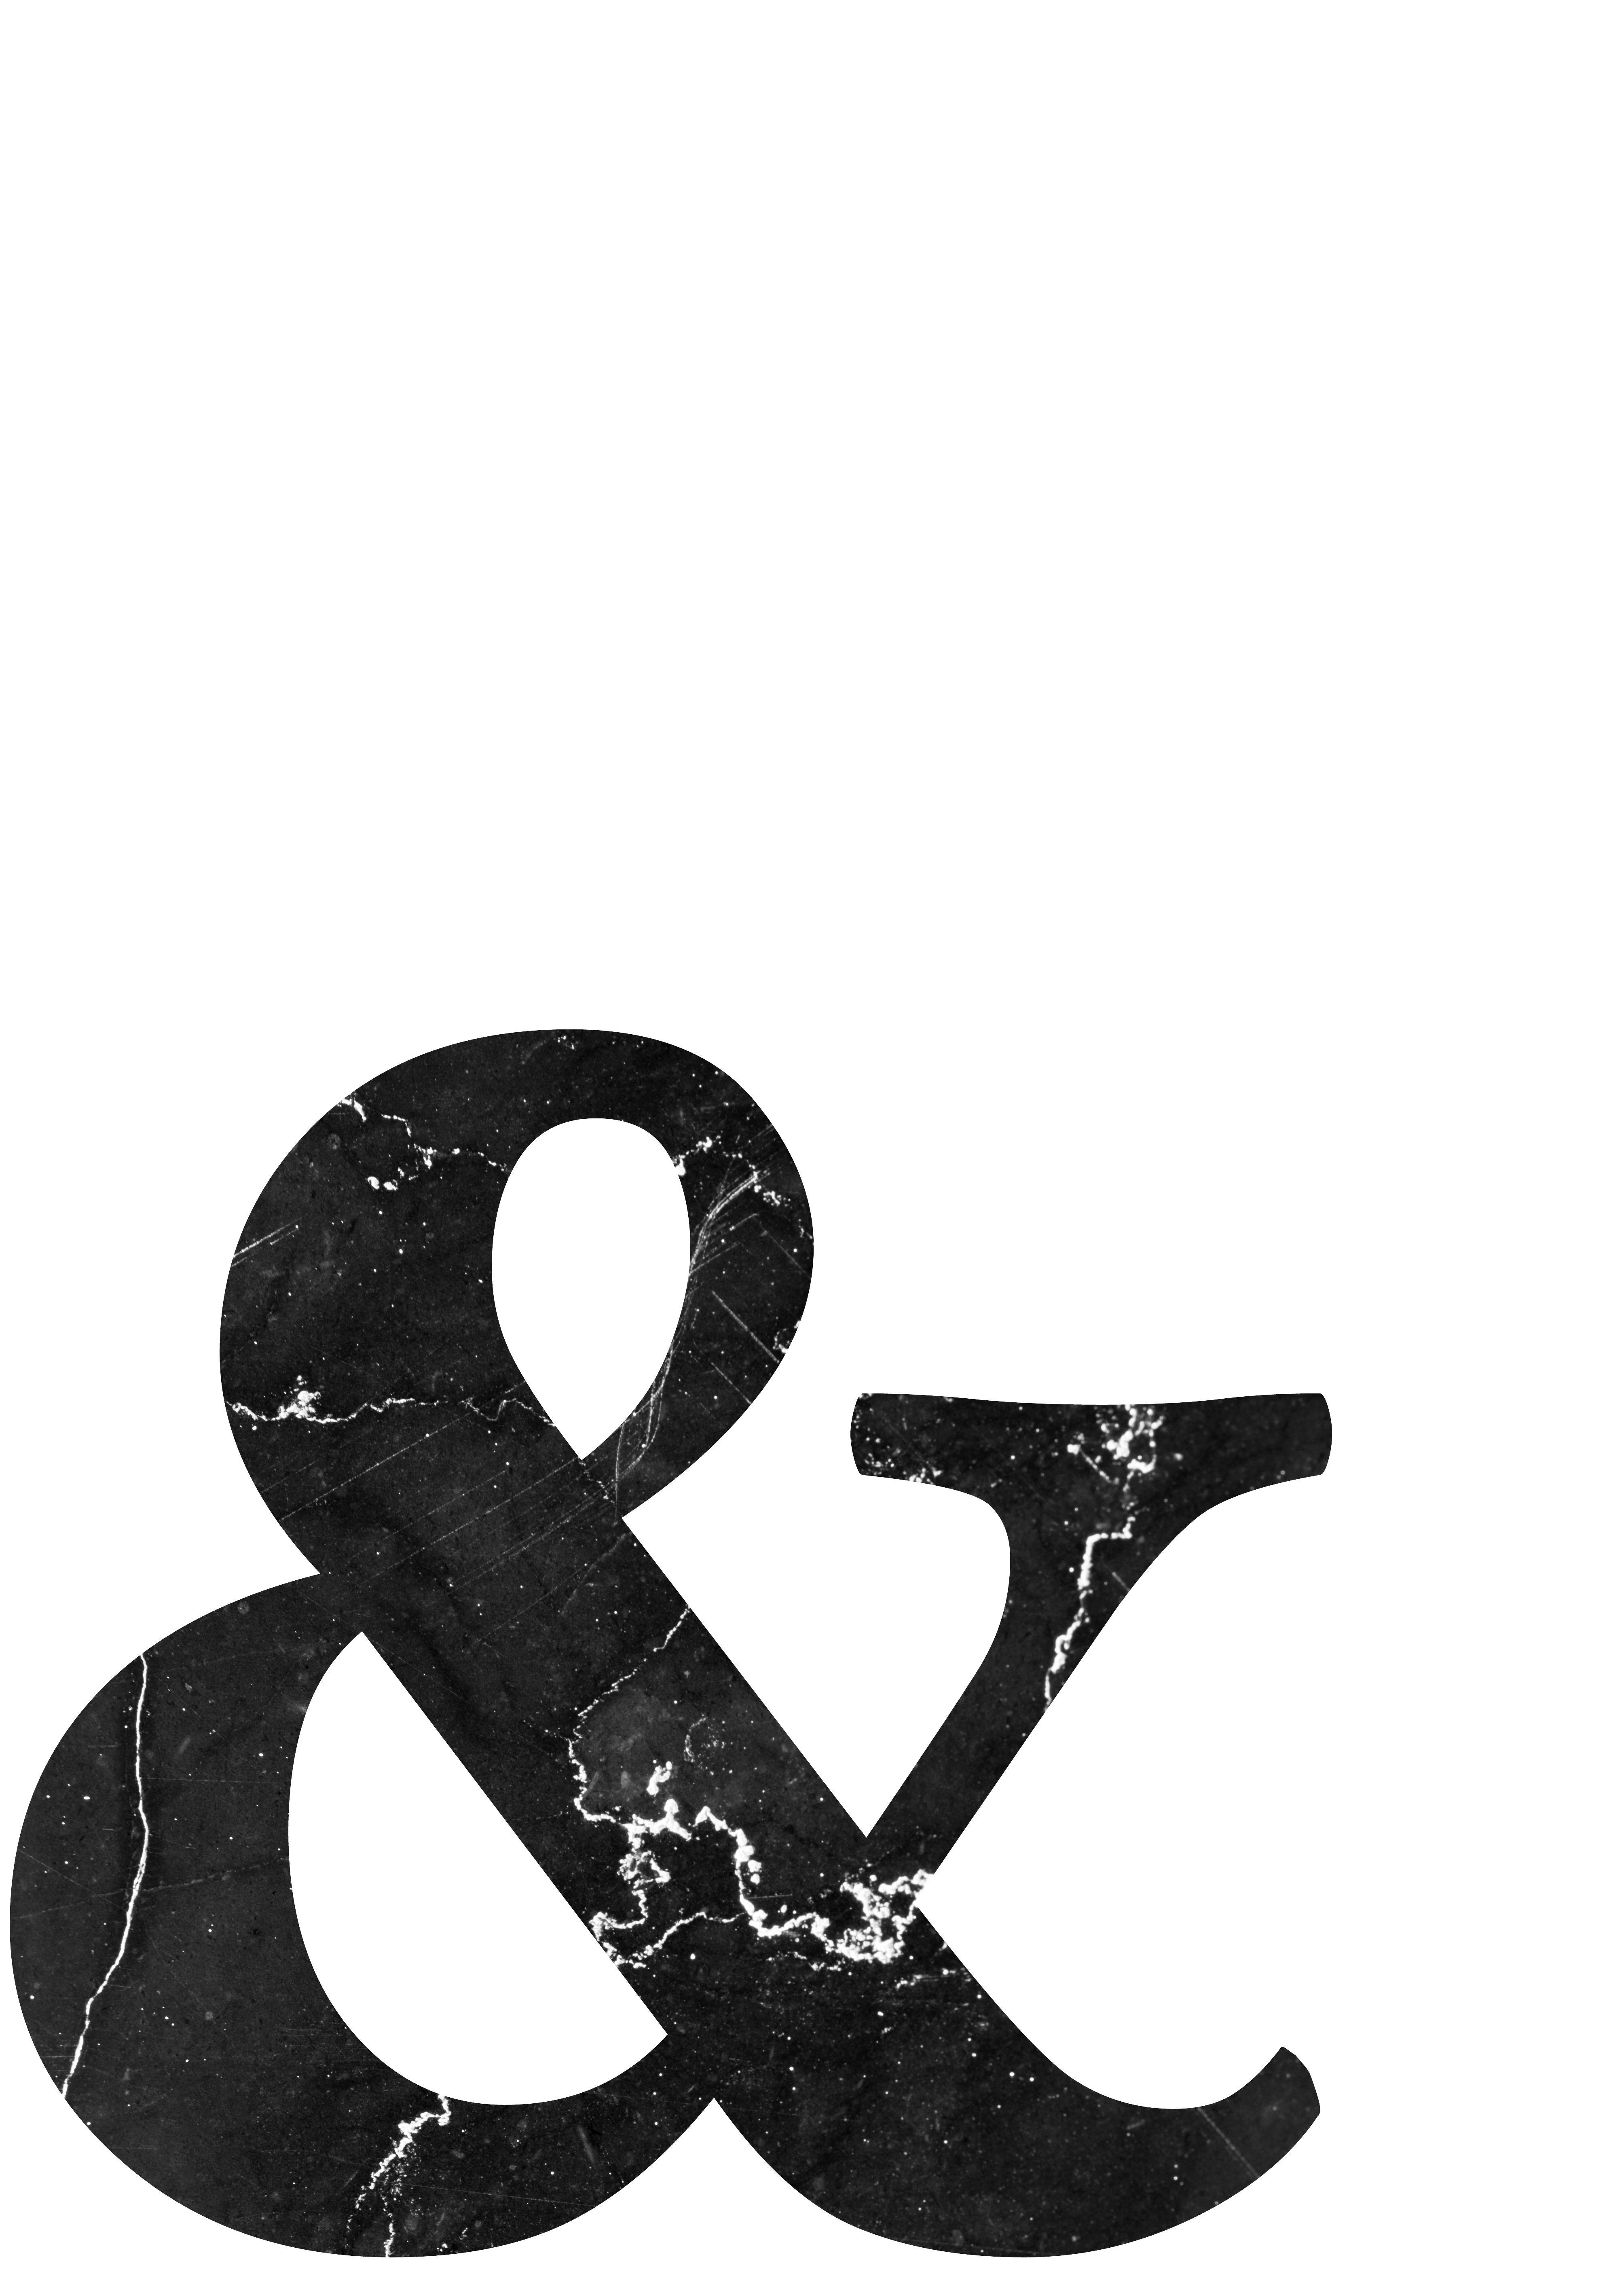 And Poster & Wall Art Ampersand Scandinavian Poster Print Printable Wall Art Typography Download Black and White Minimal Black Marble Print & Und Zeichen Poster Marmor Poster Schwarzer Marmor Schwarz Weiß Plakat & Poster Printable Poster Download Skandinavisch Minimalistisch #deseniobilderwand